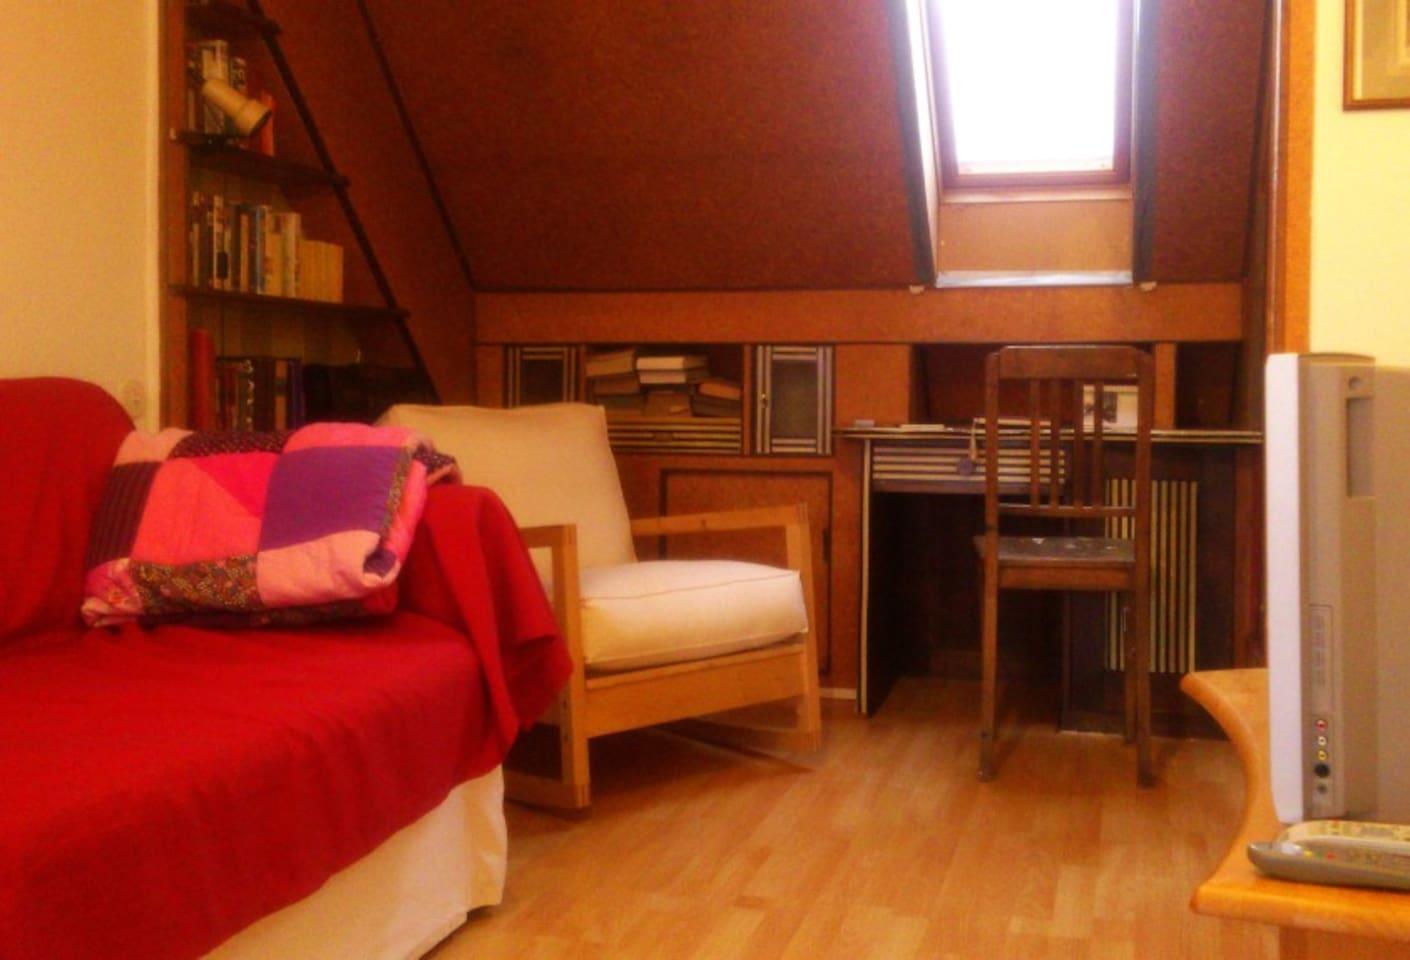 Ein Teil des Wonbereichs mit Kuschel-Couch und Schaukelstuhl.